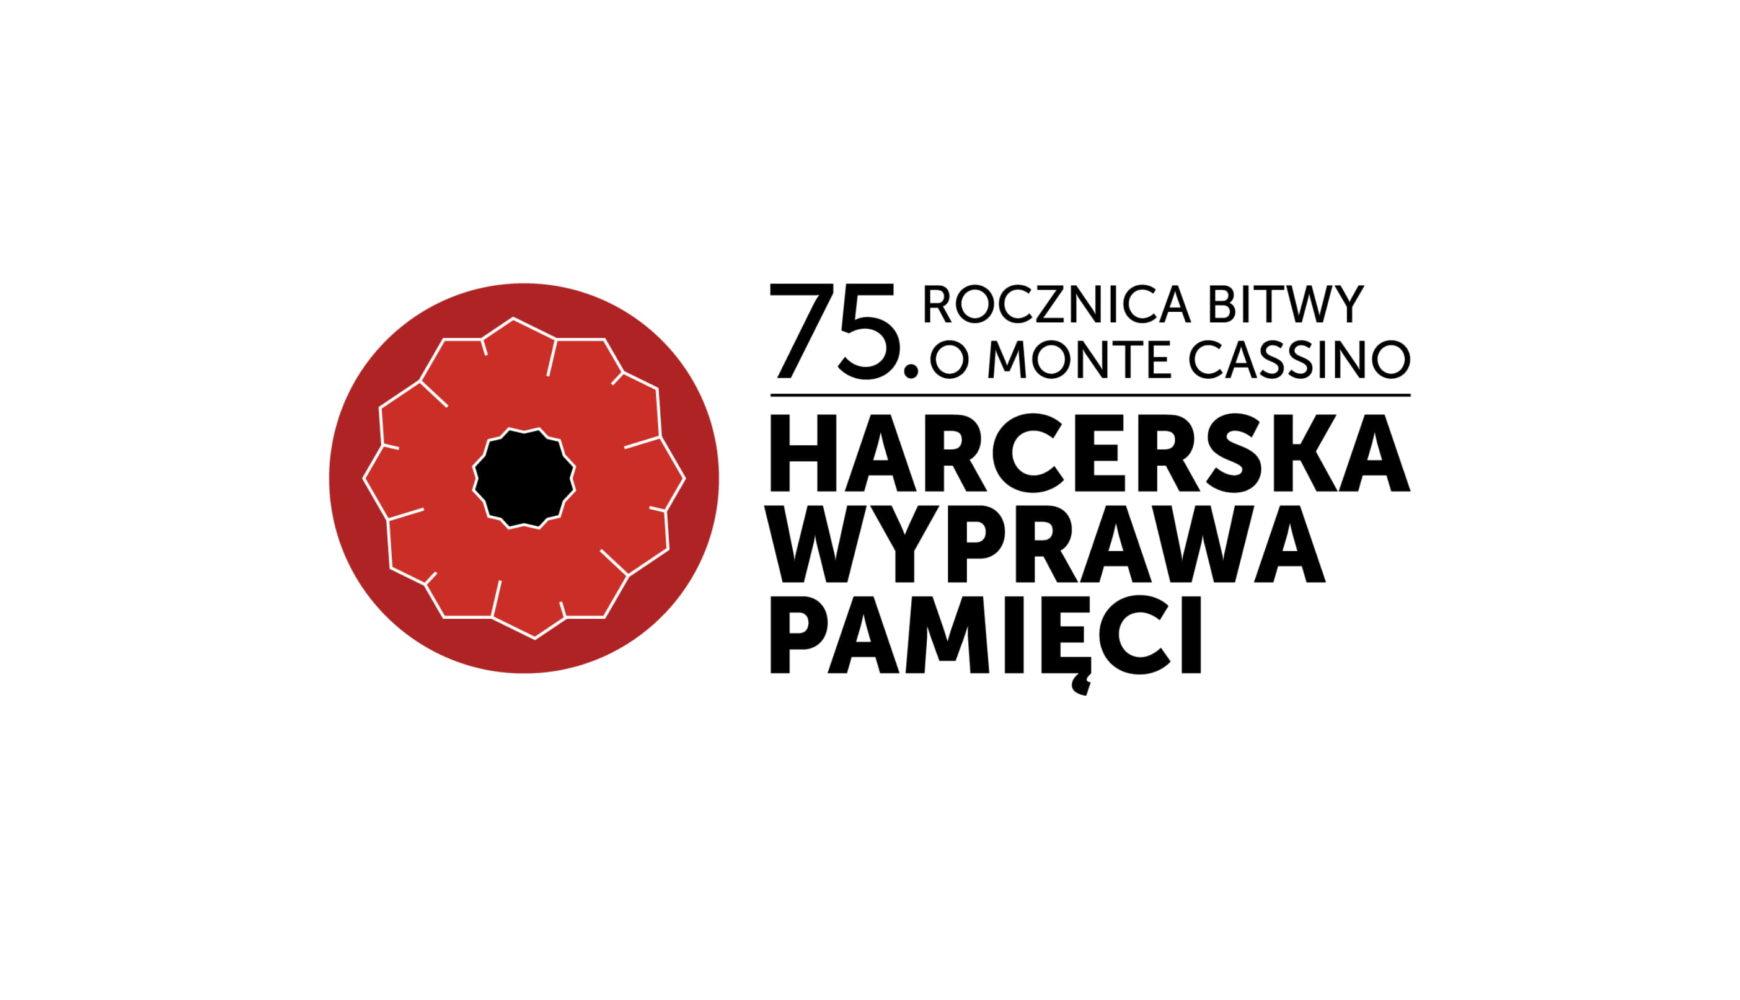 Harcerska Wyprawa Pamięci Monte Cassino wyrusza!